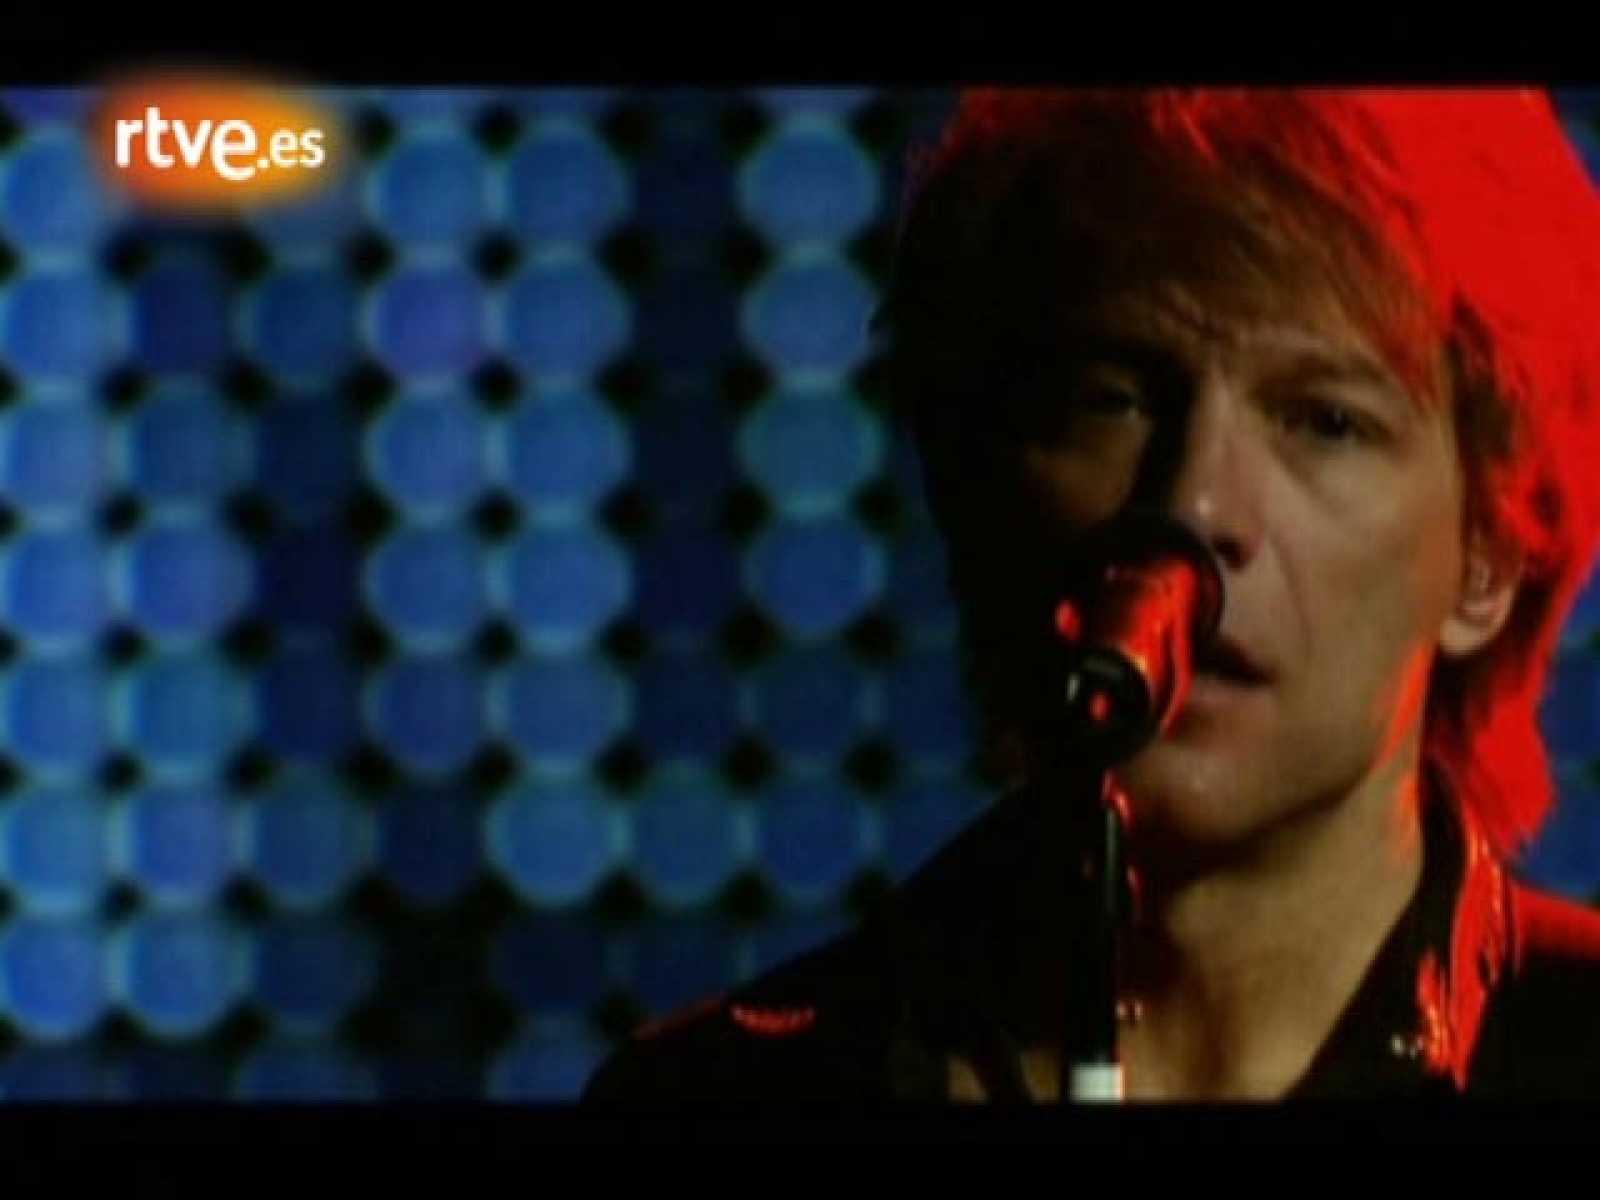 RTVE.es estrena en primicia el nuevo video de Bon Jovi